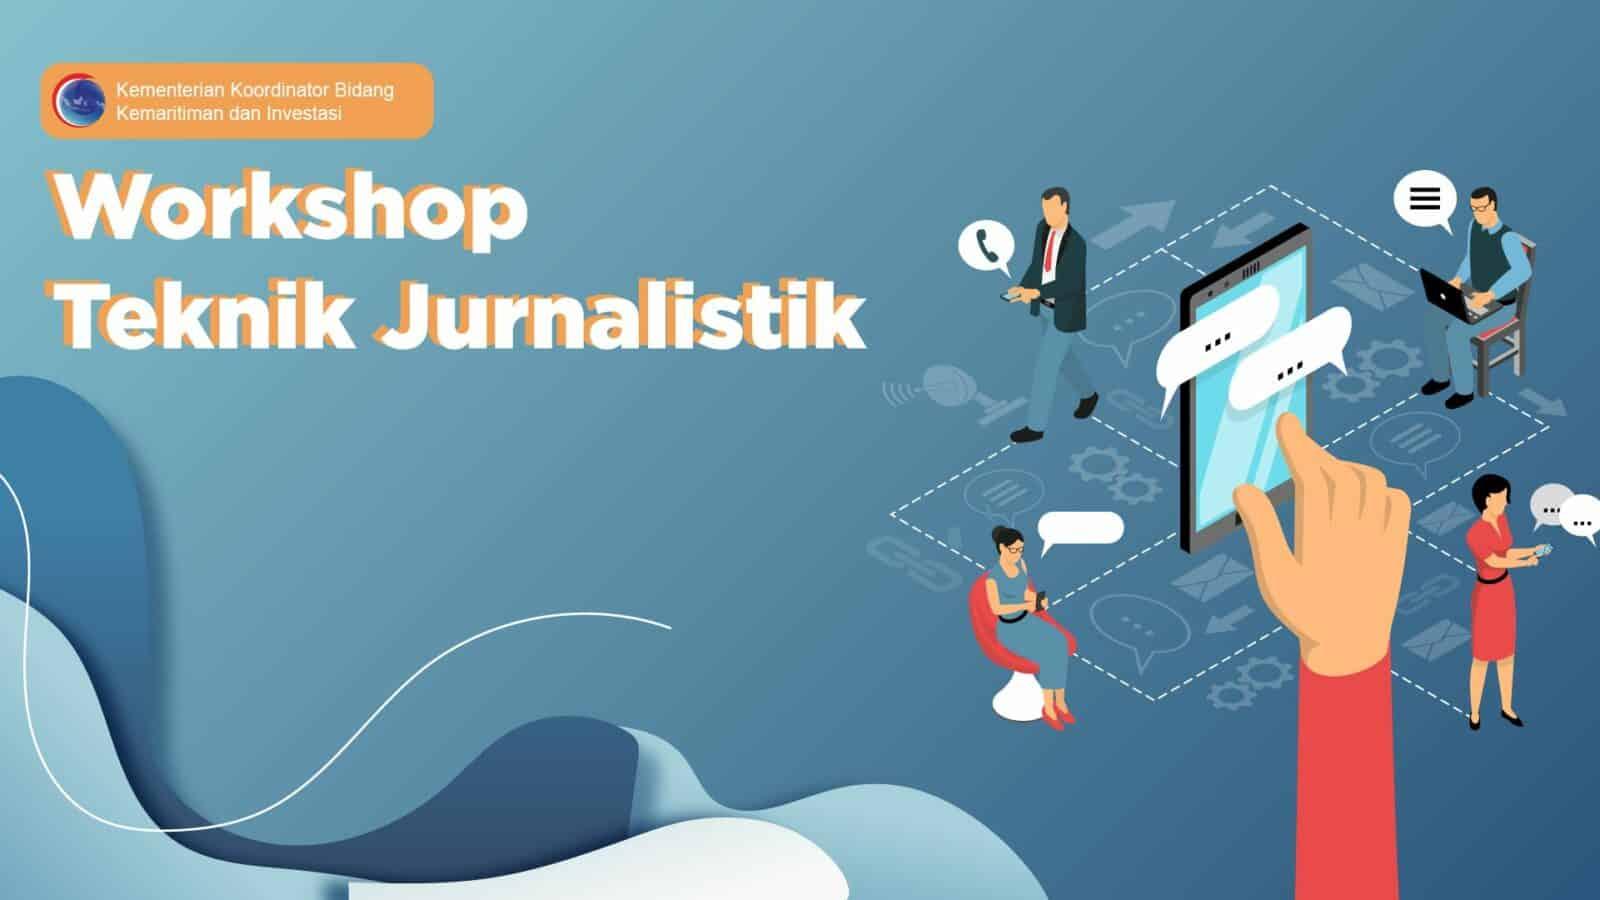 Kemenko Marves Adakan Workshop Jurnalistik, Sesmenko Marves: Kuncinya Ada Pada Konten Informasi